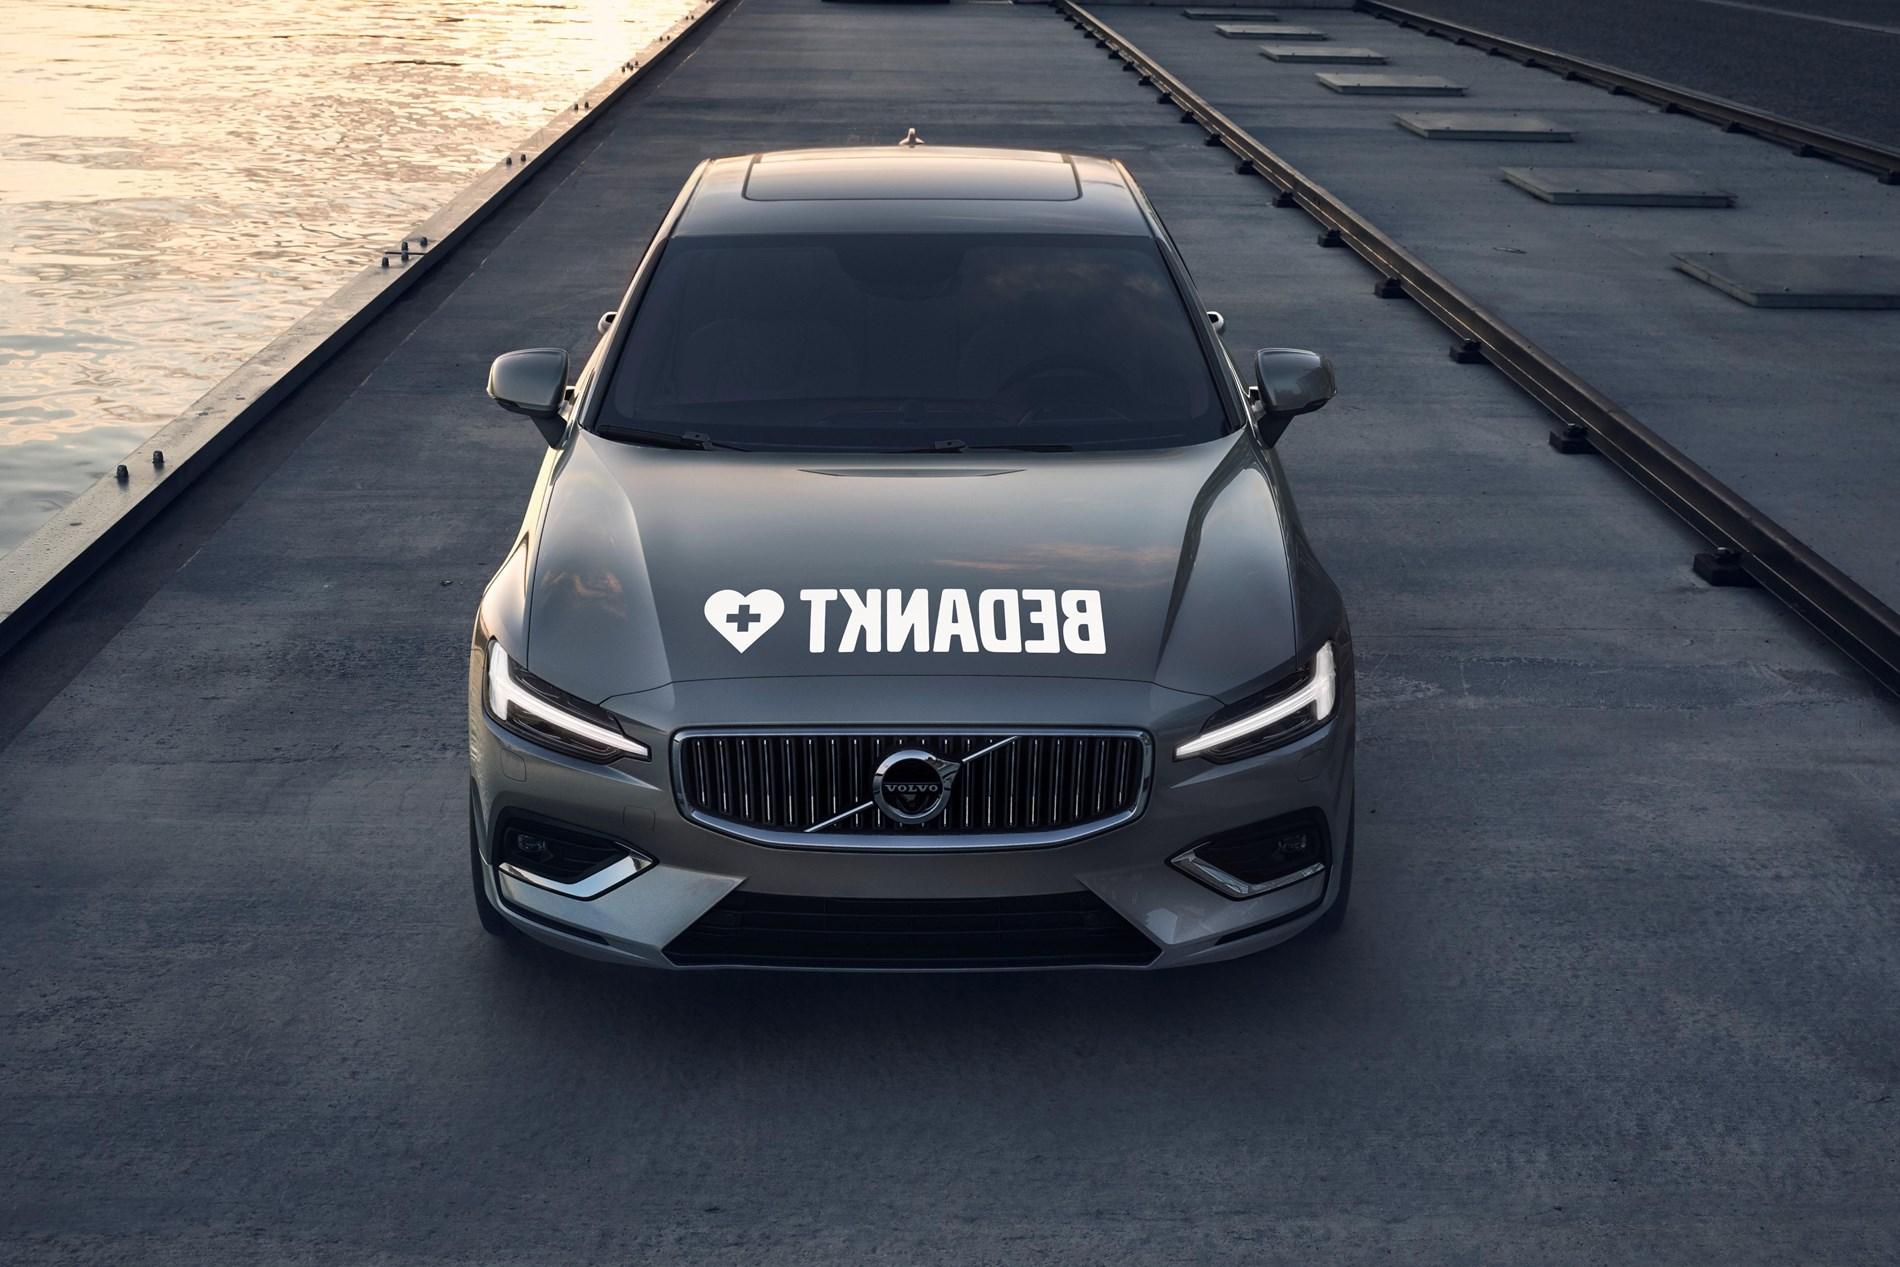 """Volvo zegt """"TKNADEB"""" aan zorgverleners"""